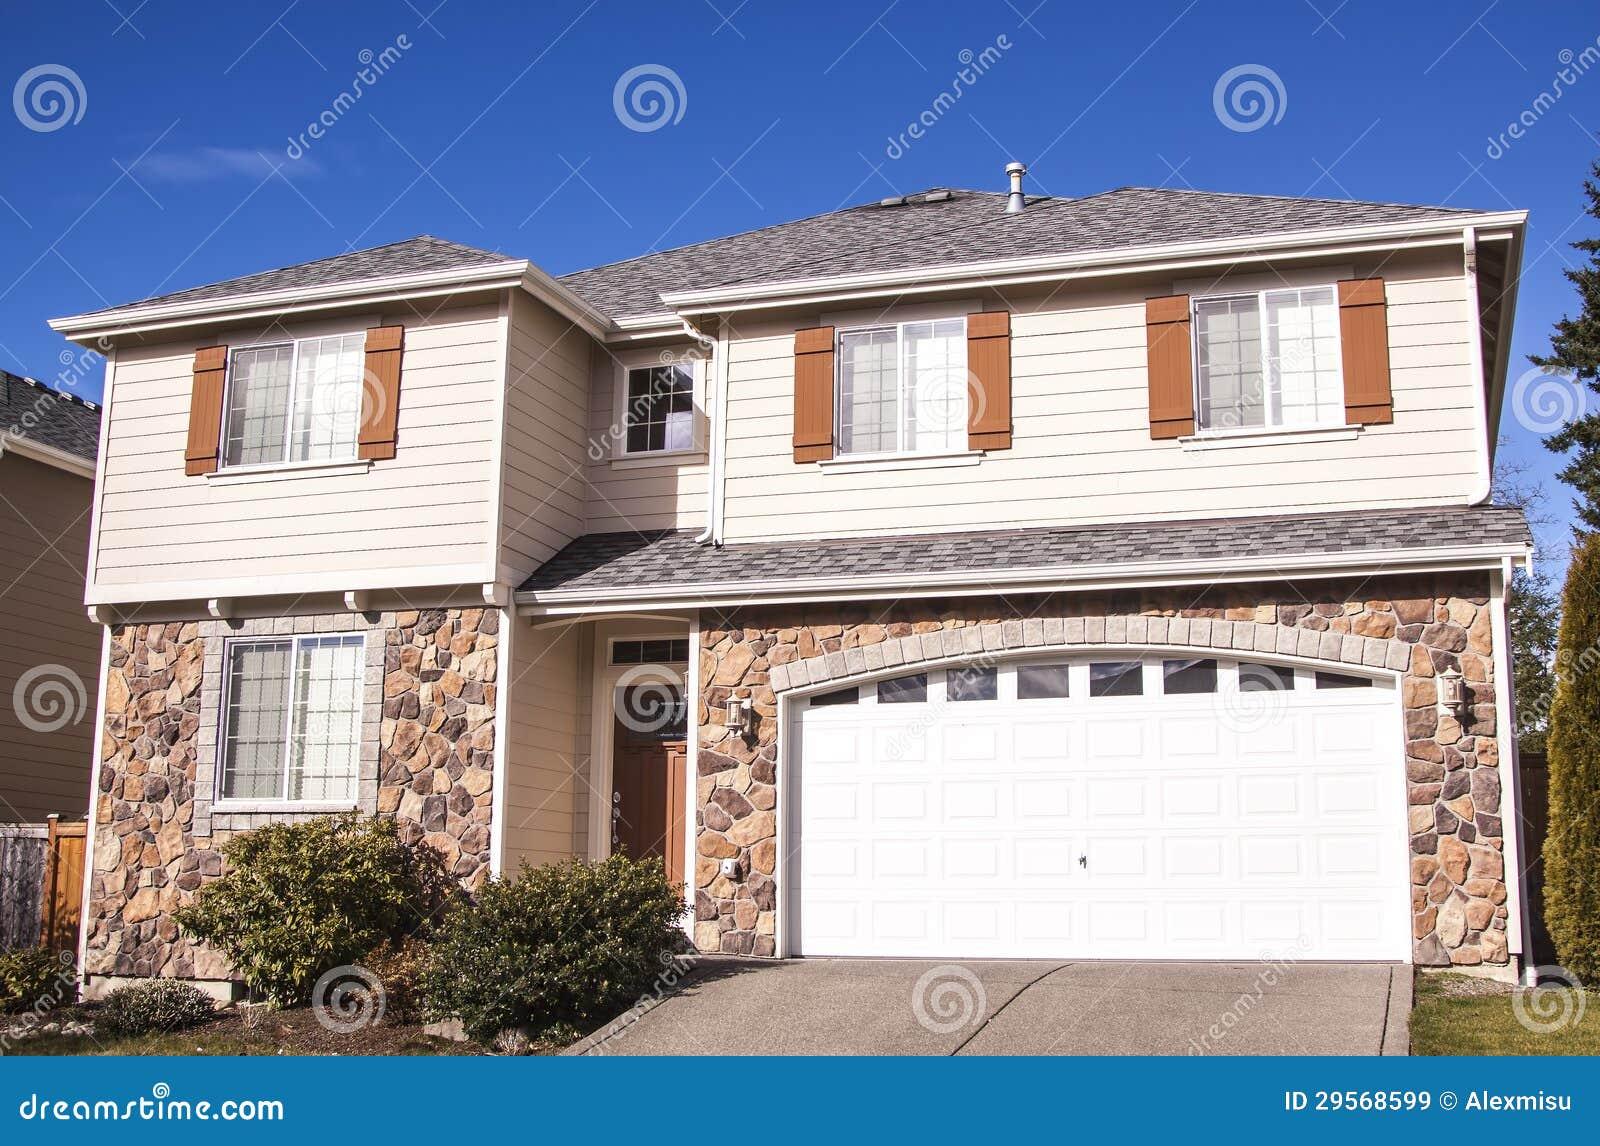 Im Amerikanischen Stil Haus Stockbild - Bild von häuser, luxuriös ...